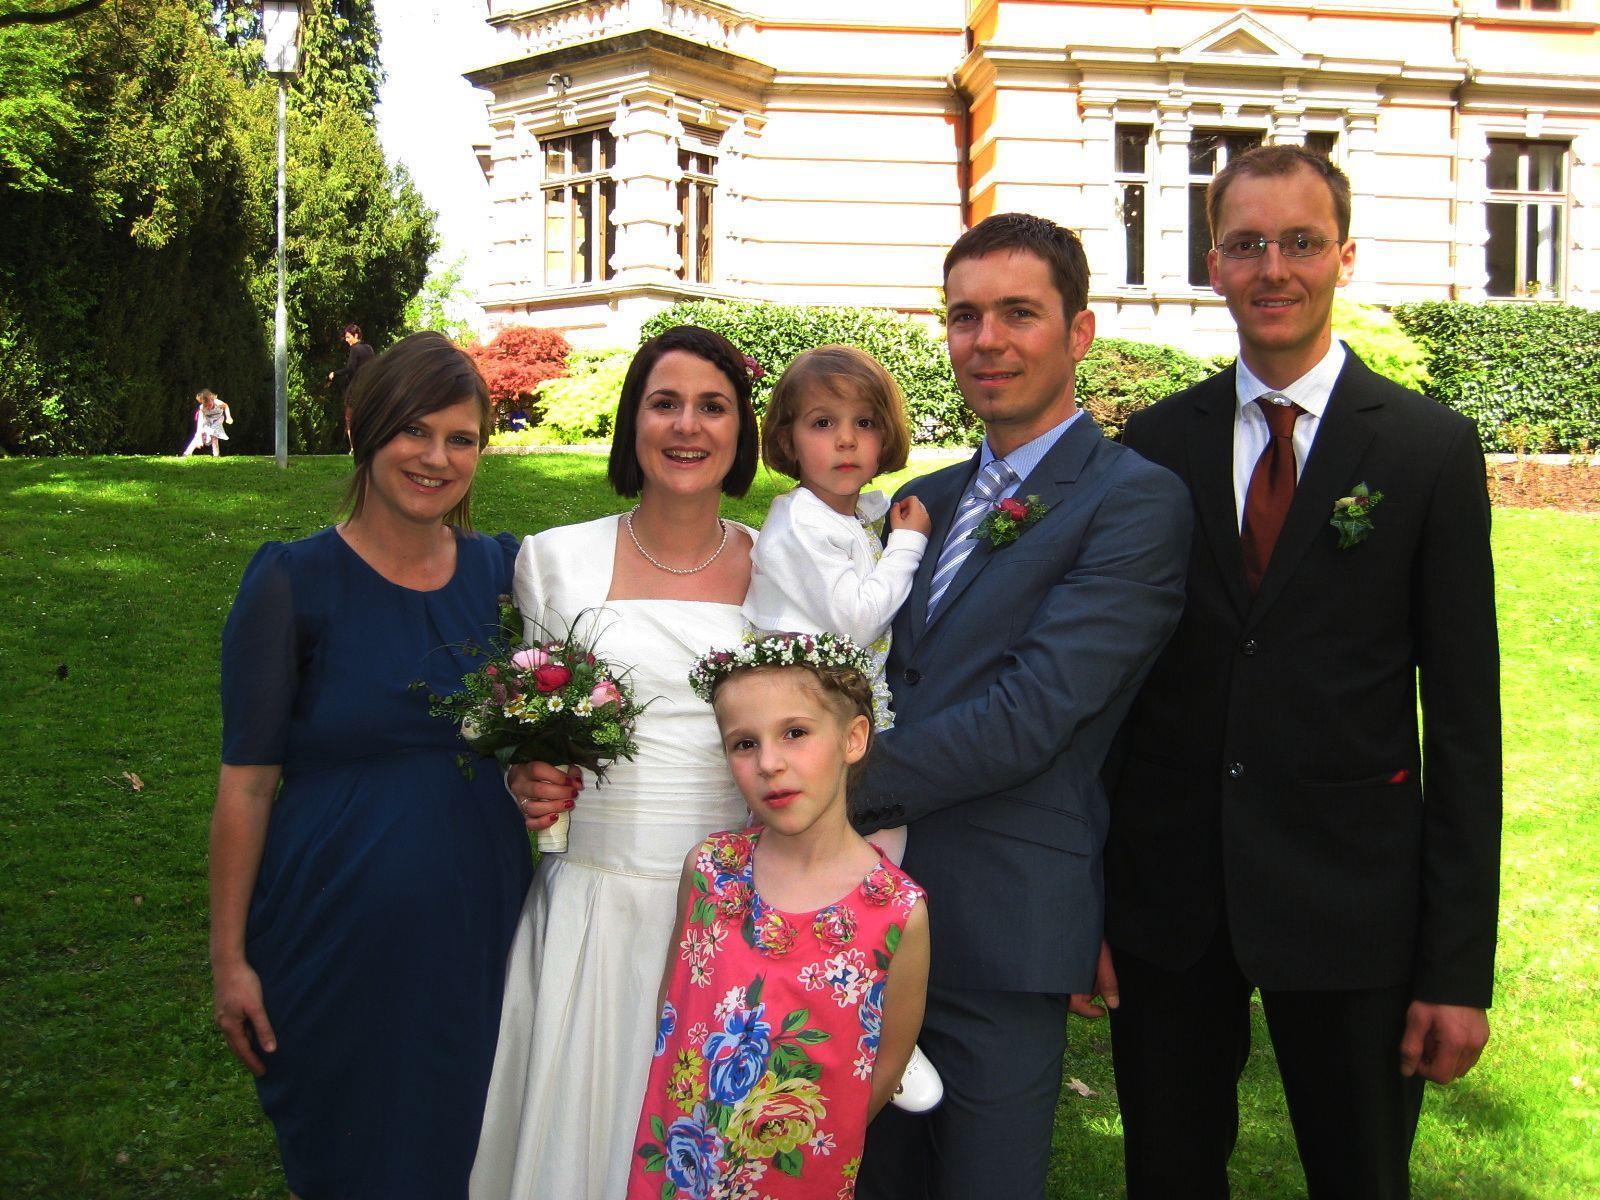 Nadine Fink und Bertram Peer haben geheiratet.